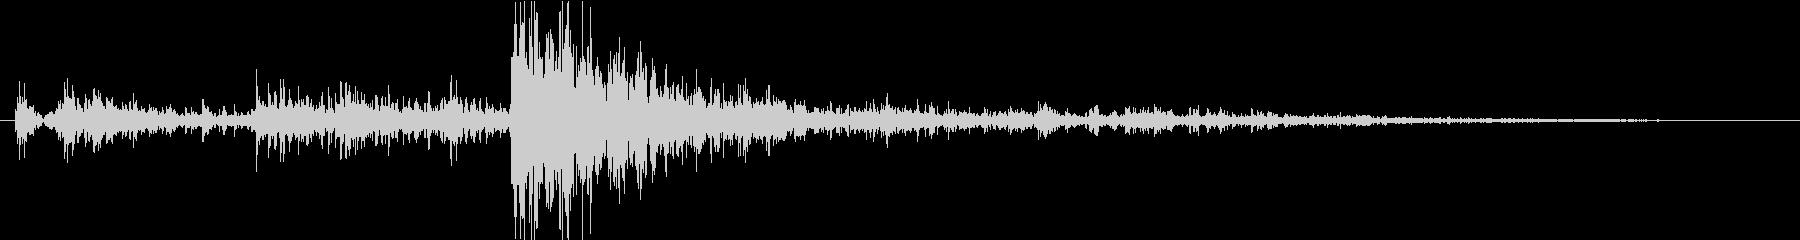 ゴロゴロピカッの未再生の波形